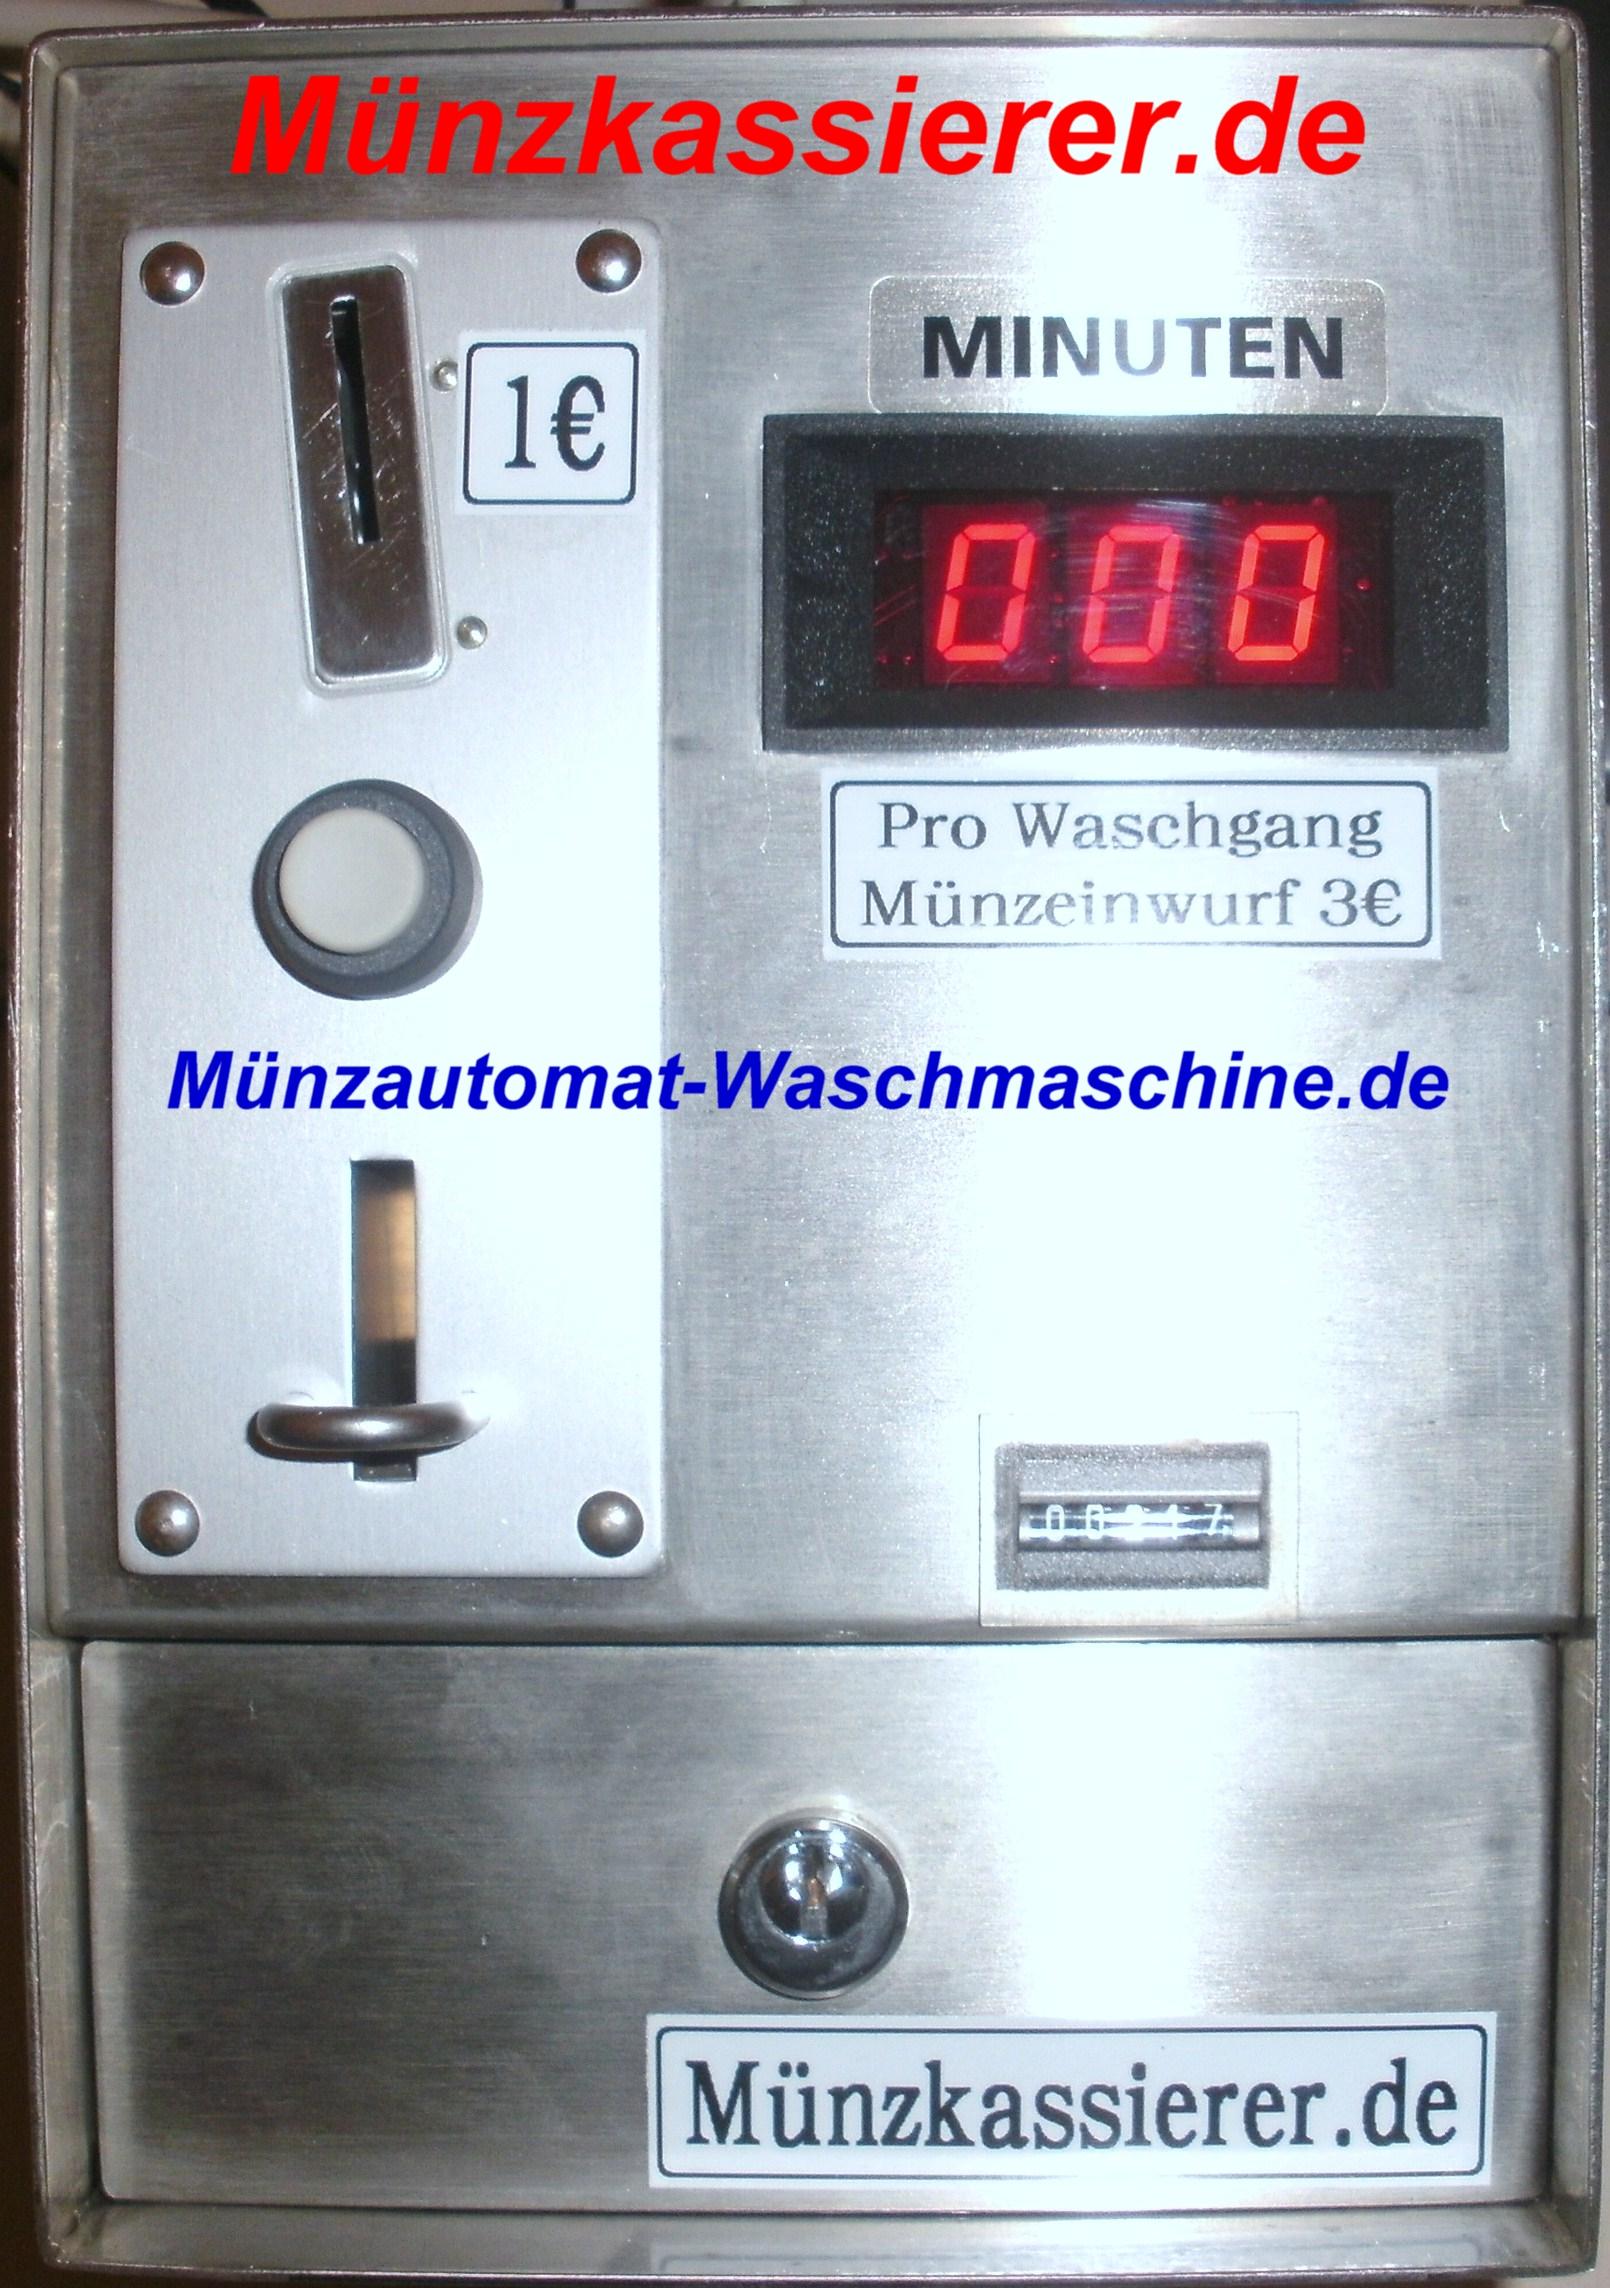 Münzautomat Waschmaschine für Kurzunterkunft Hotel Monteurzimmer Zimmer Pension Handwerkerzimmer Monteur-Pension